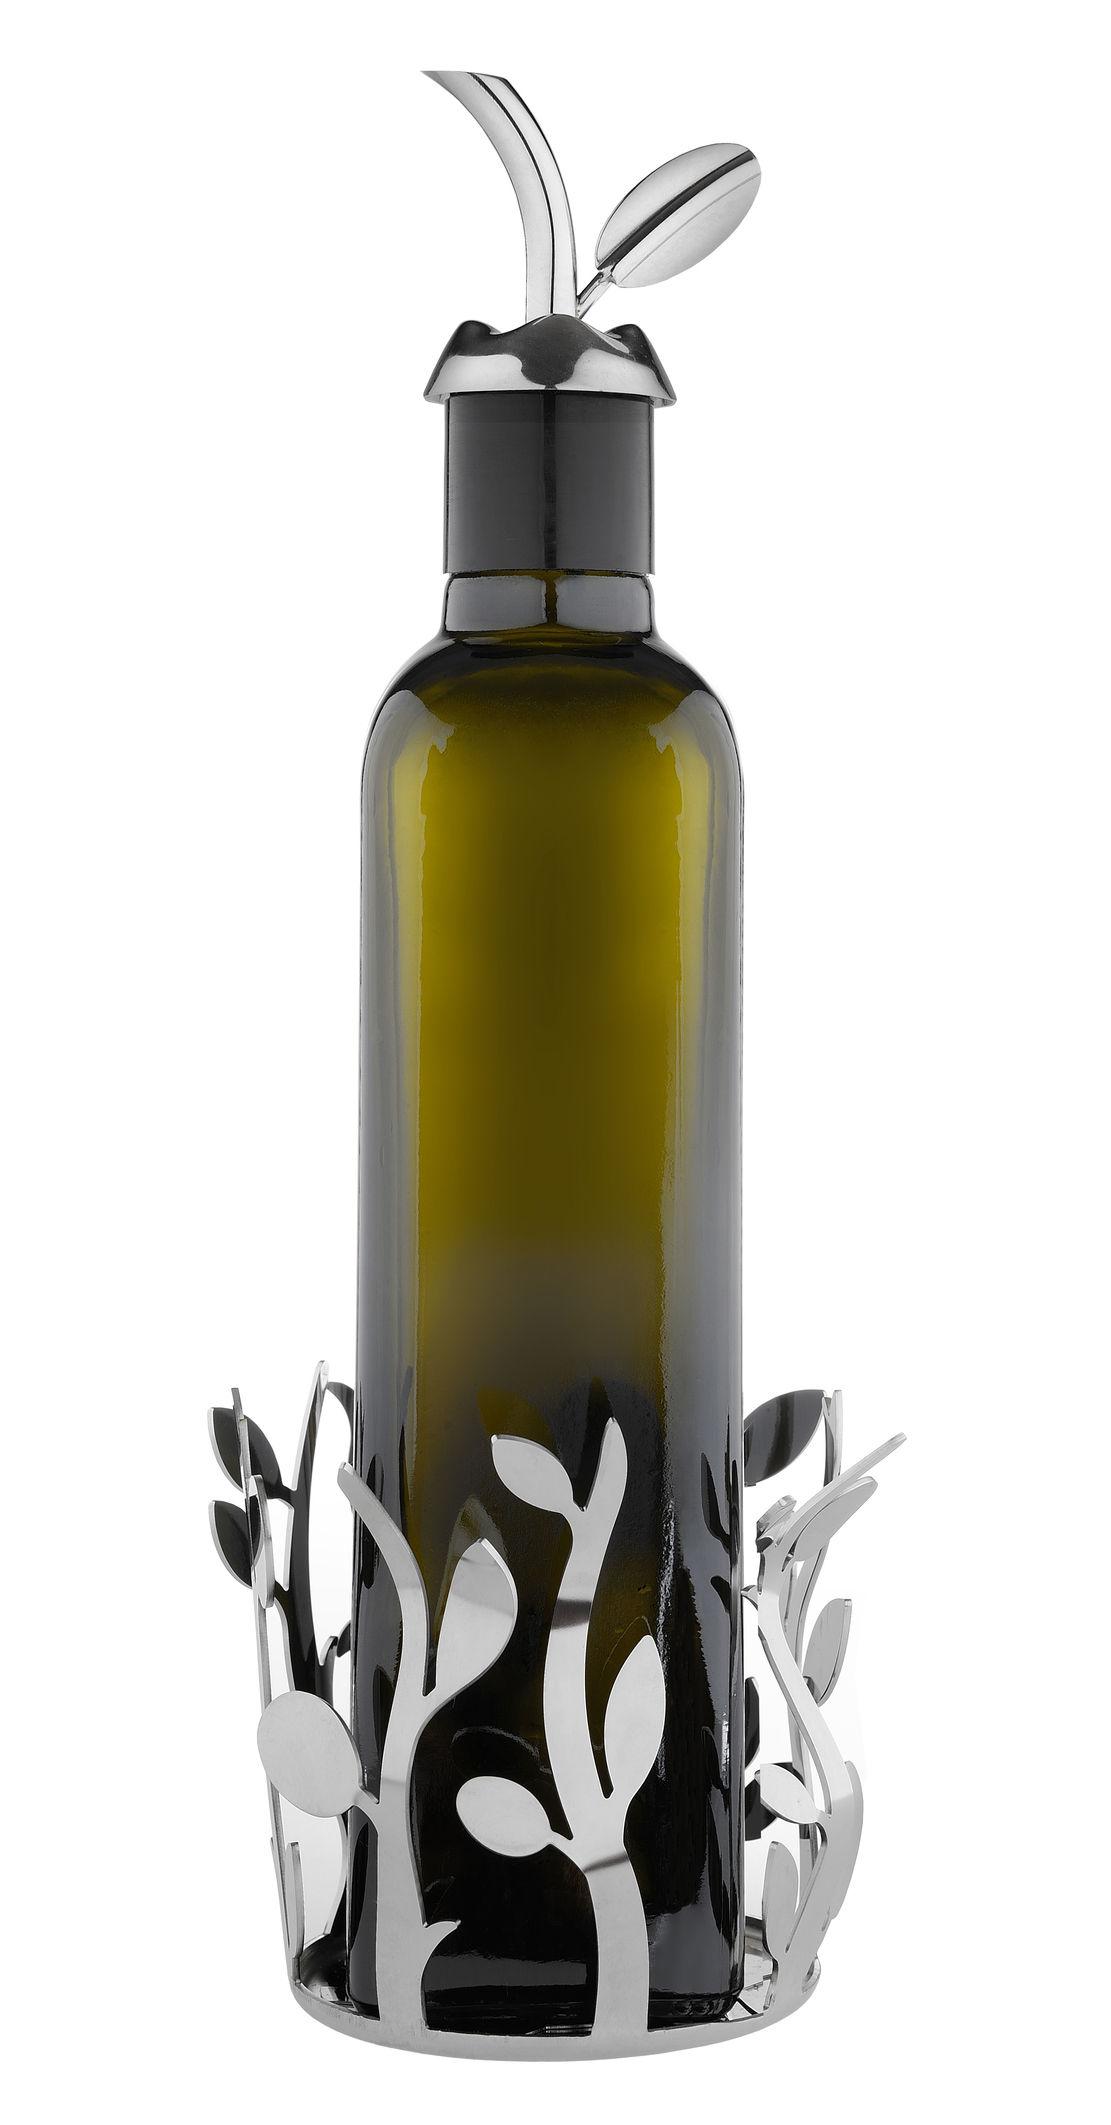 Porte bouteilles oliette pour bouteilles d 39 huile acier poli miroir al - Huile pour porte qui grince ...